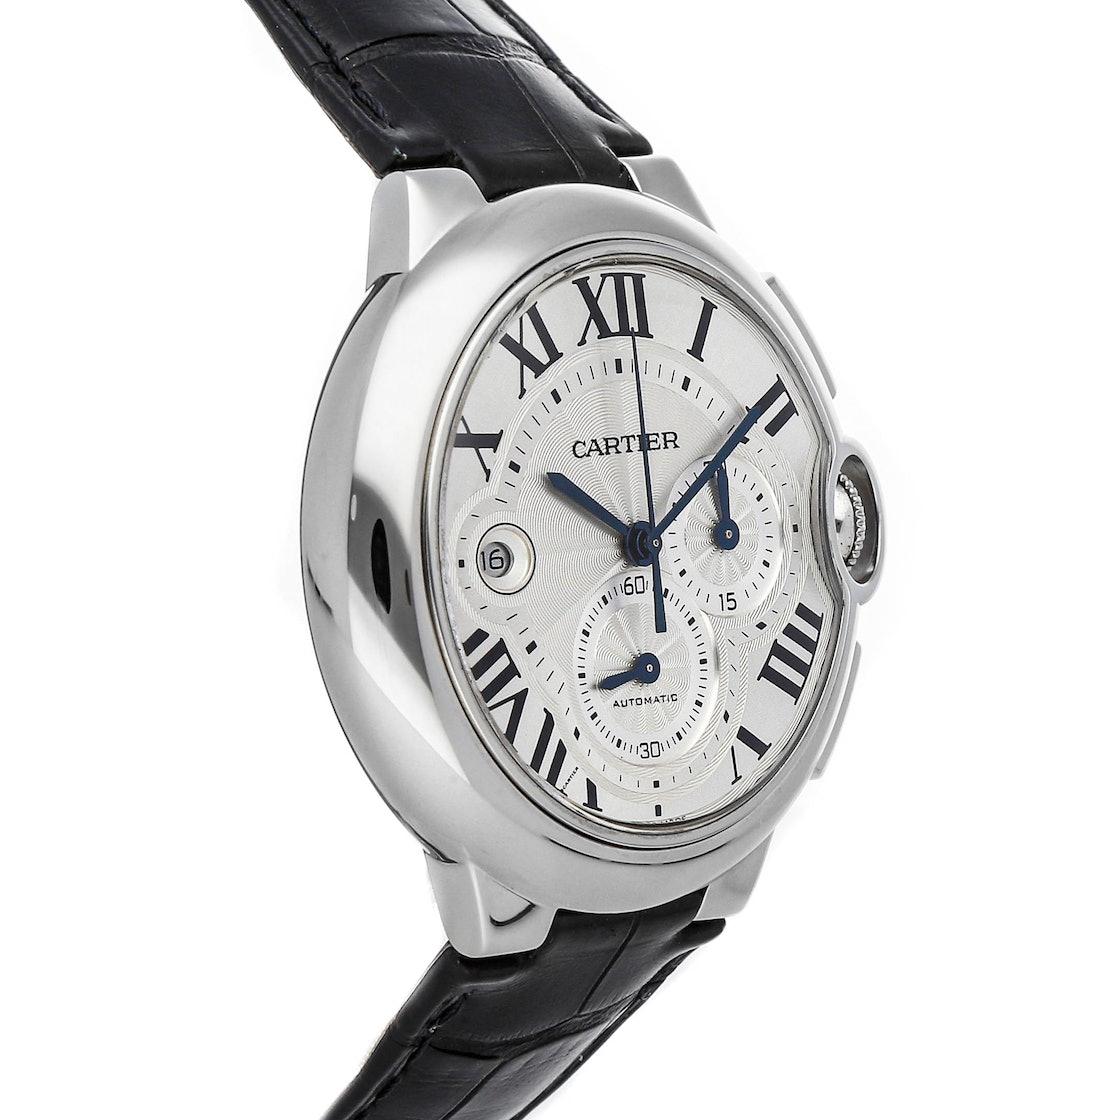 Cartier Ballon Bleu Chronograph W6920003